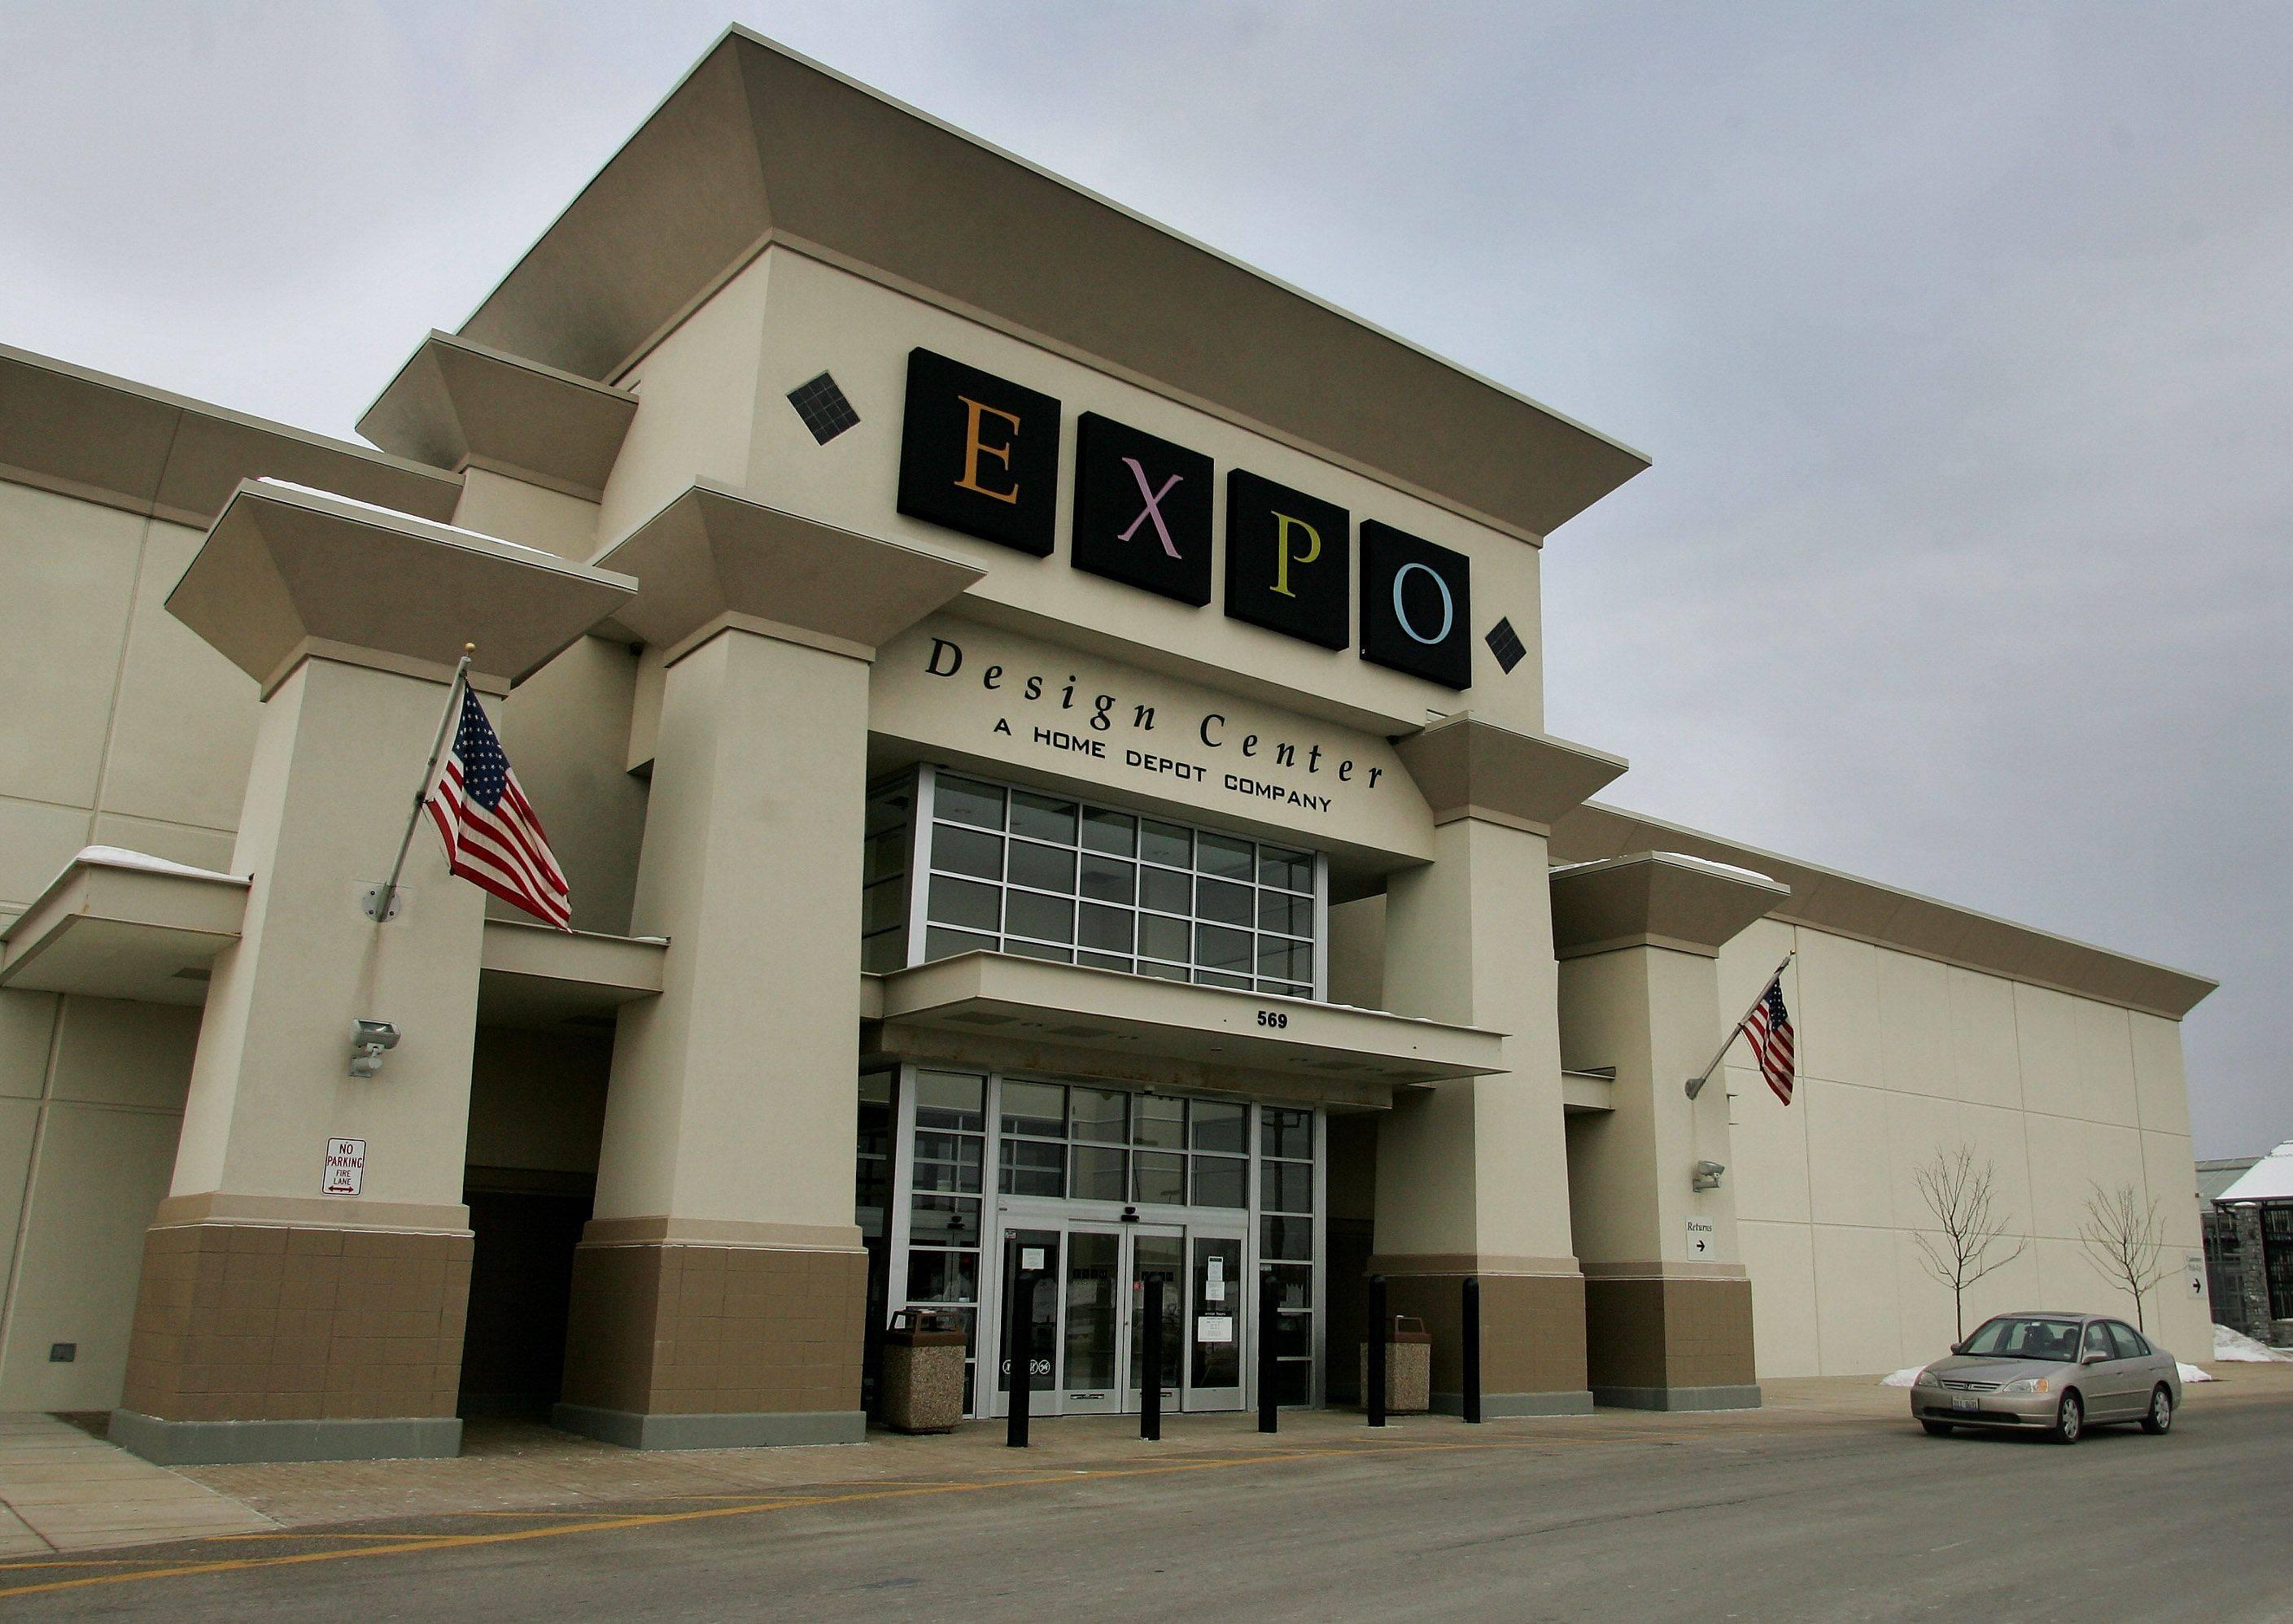 High Quality Home Design Expo Center